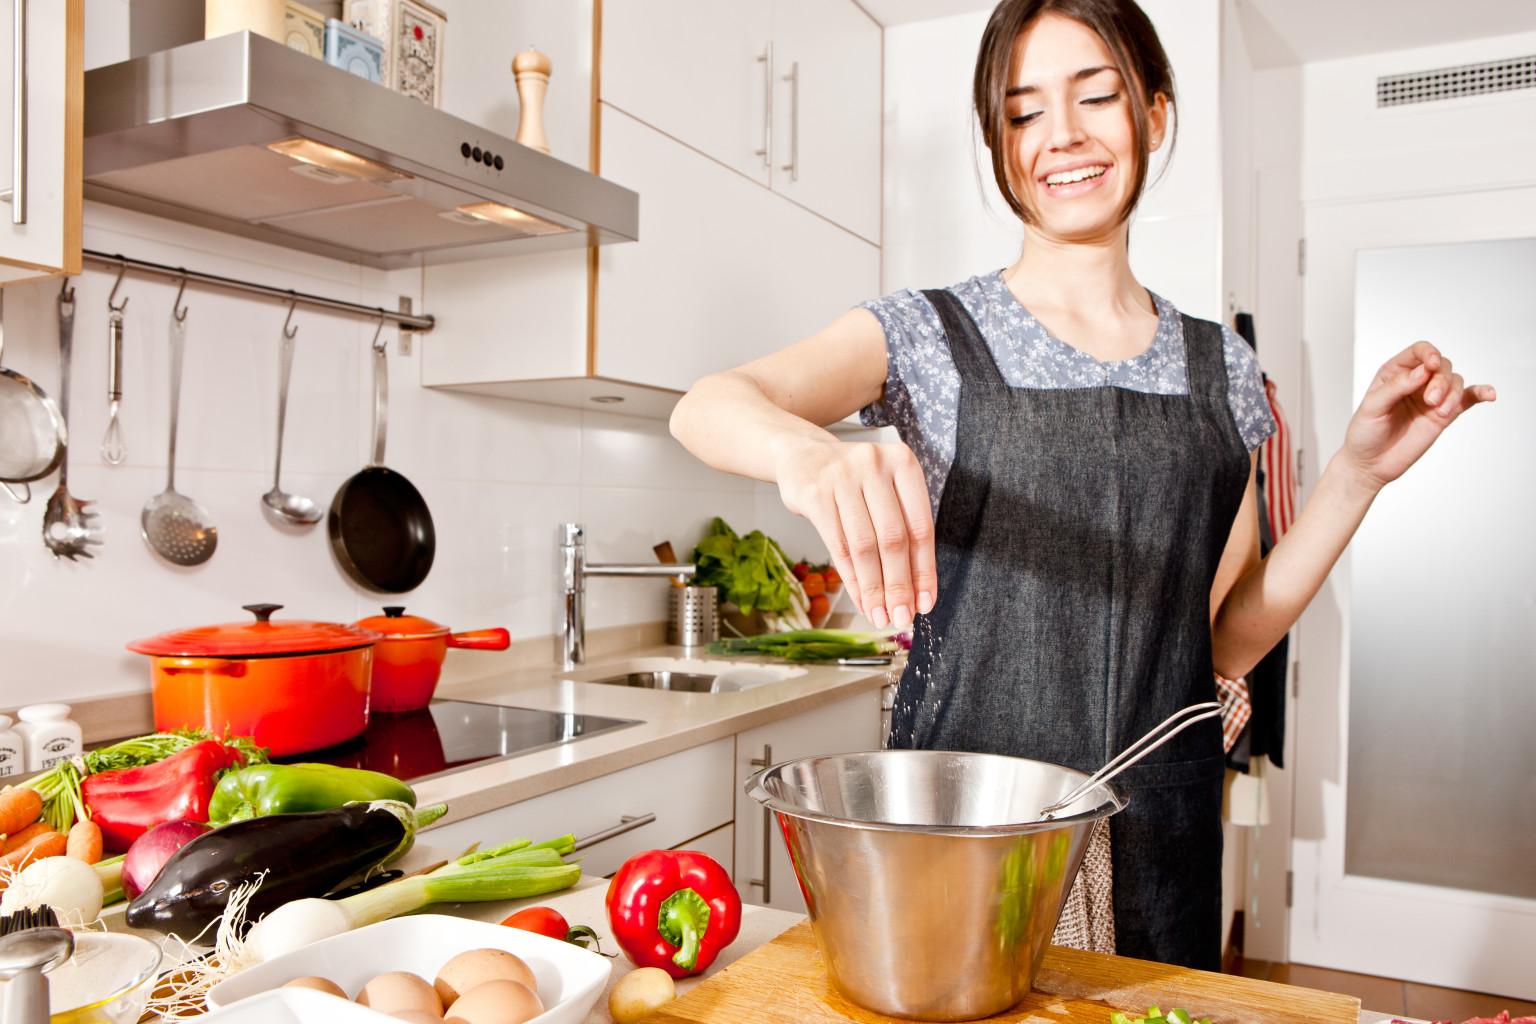 Tư thế nấu ăn bằng bếp từ đúng cách